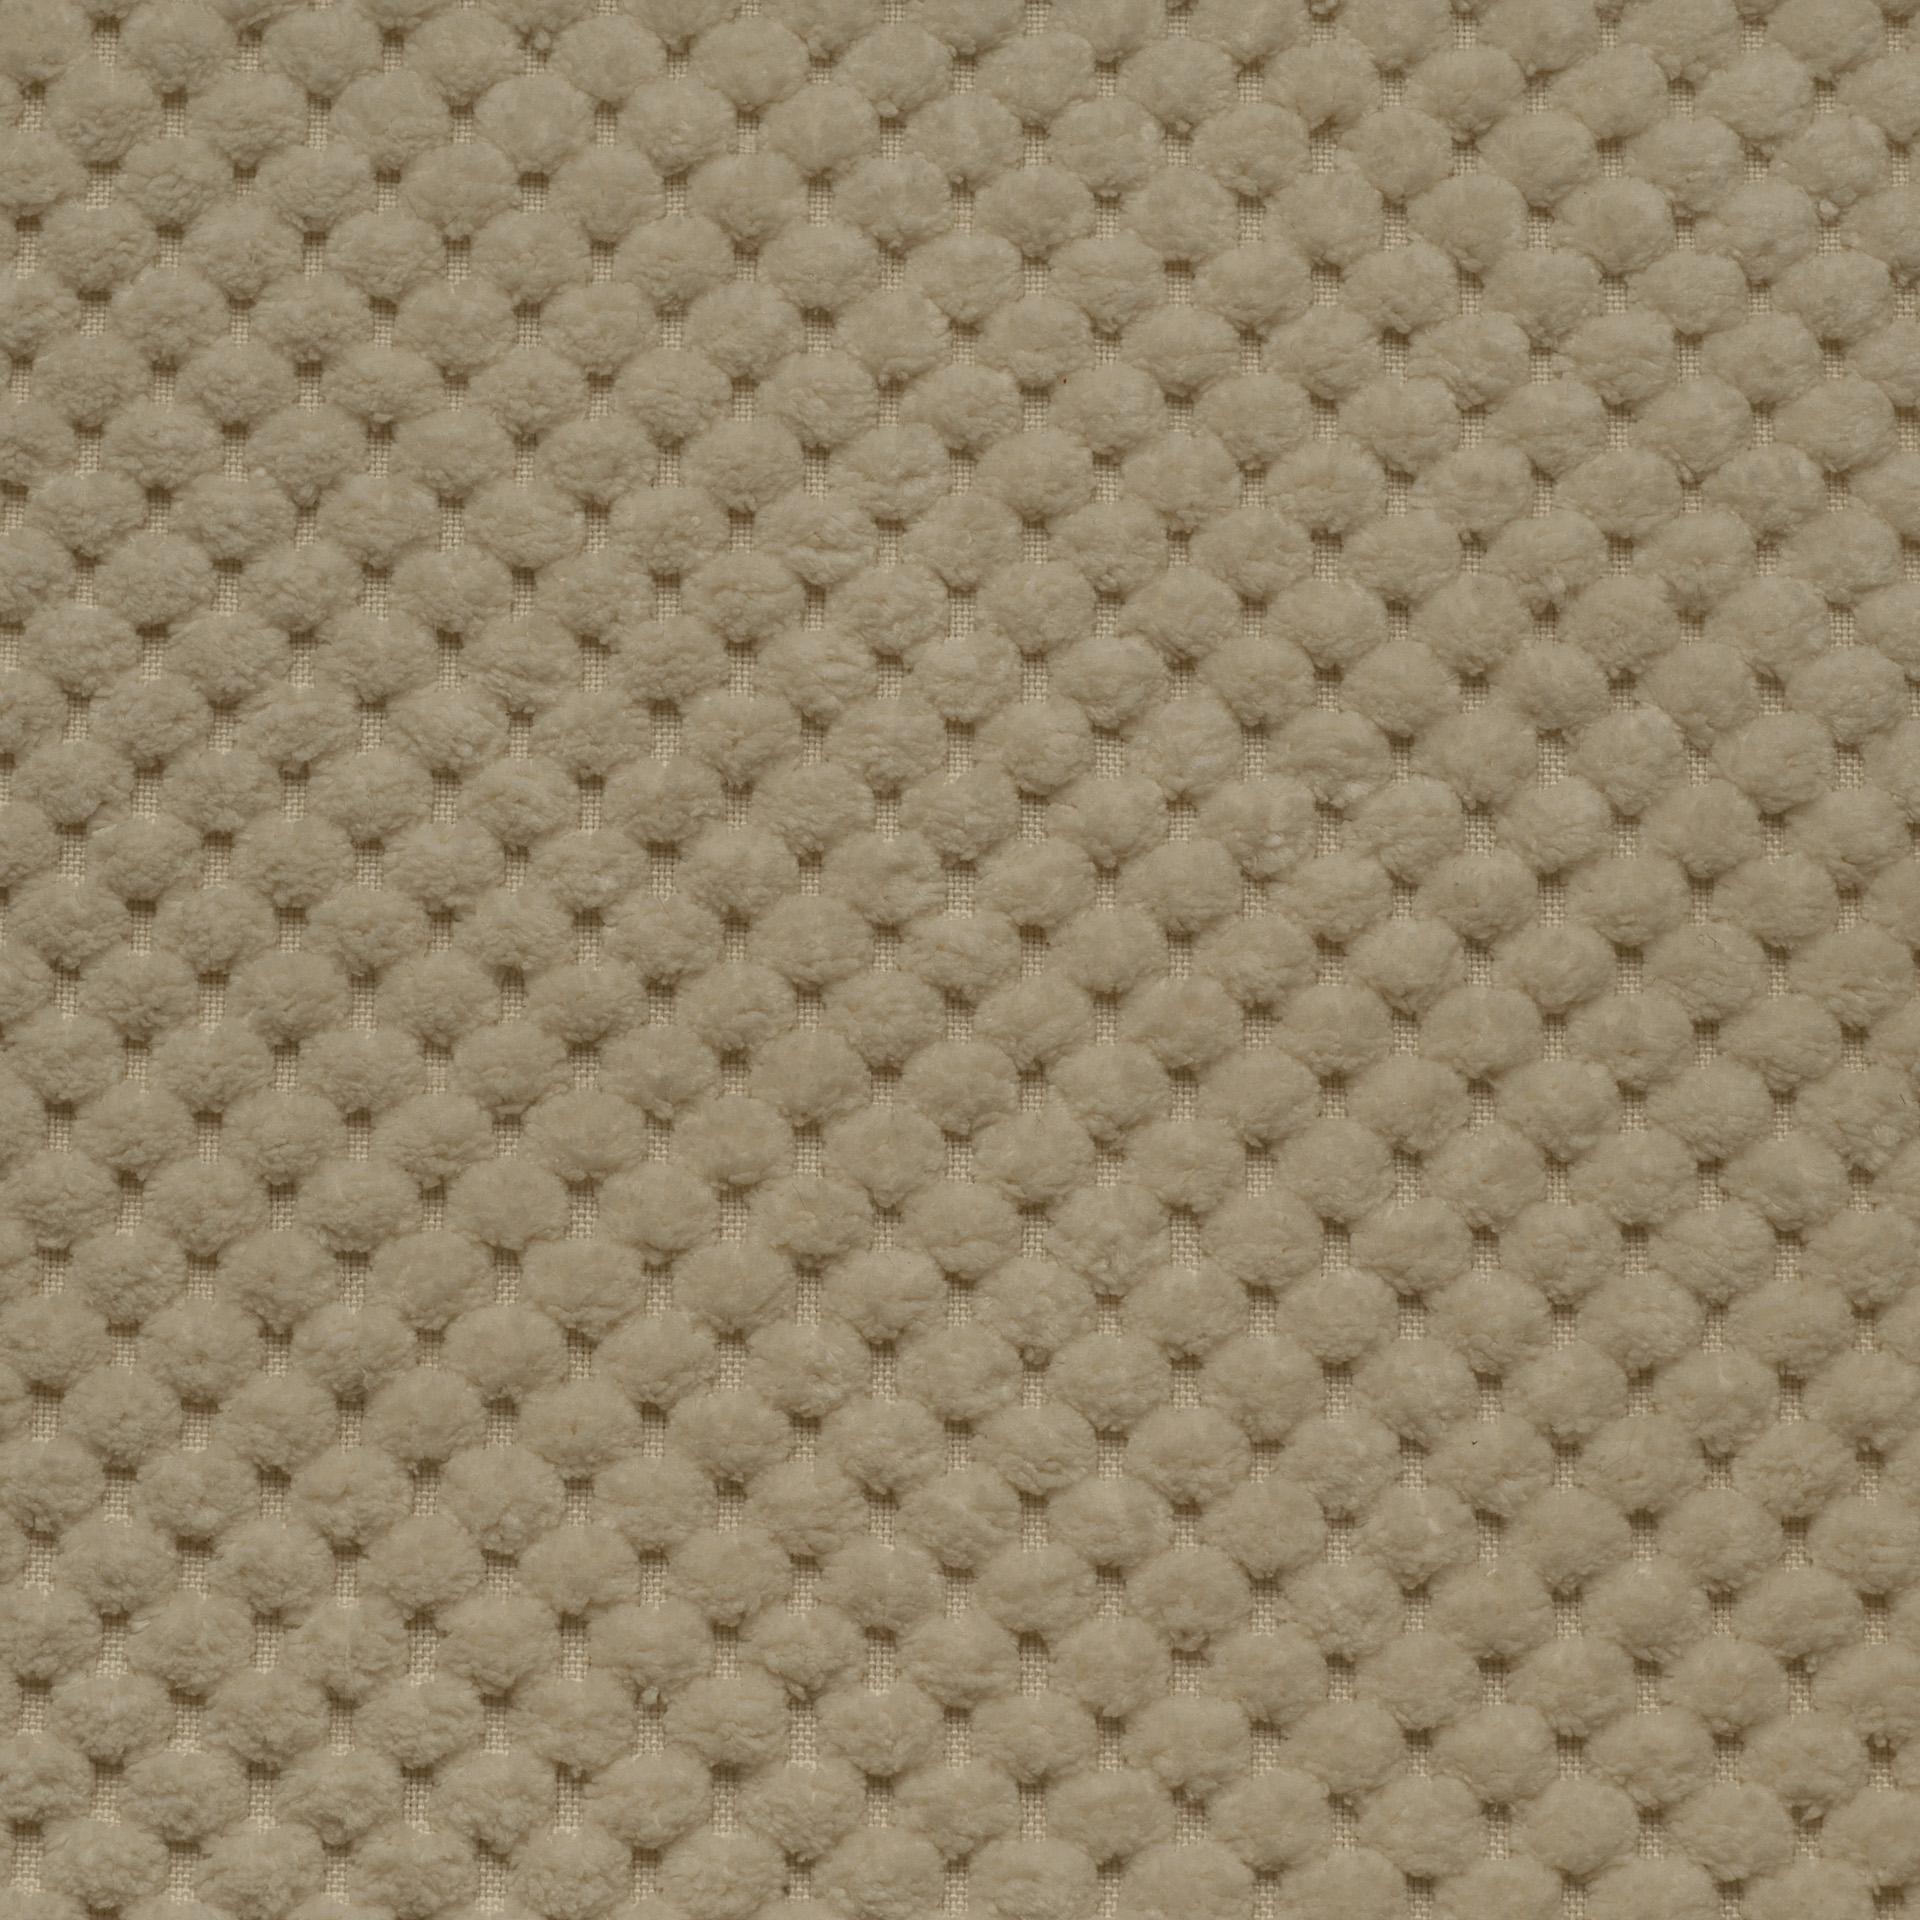 Коллекция ткани Дорис 12,  купить ткань Велюр для мебели Украина